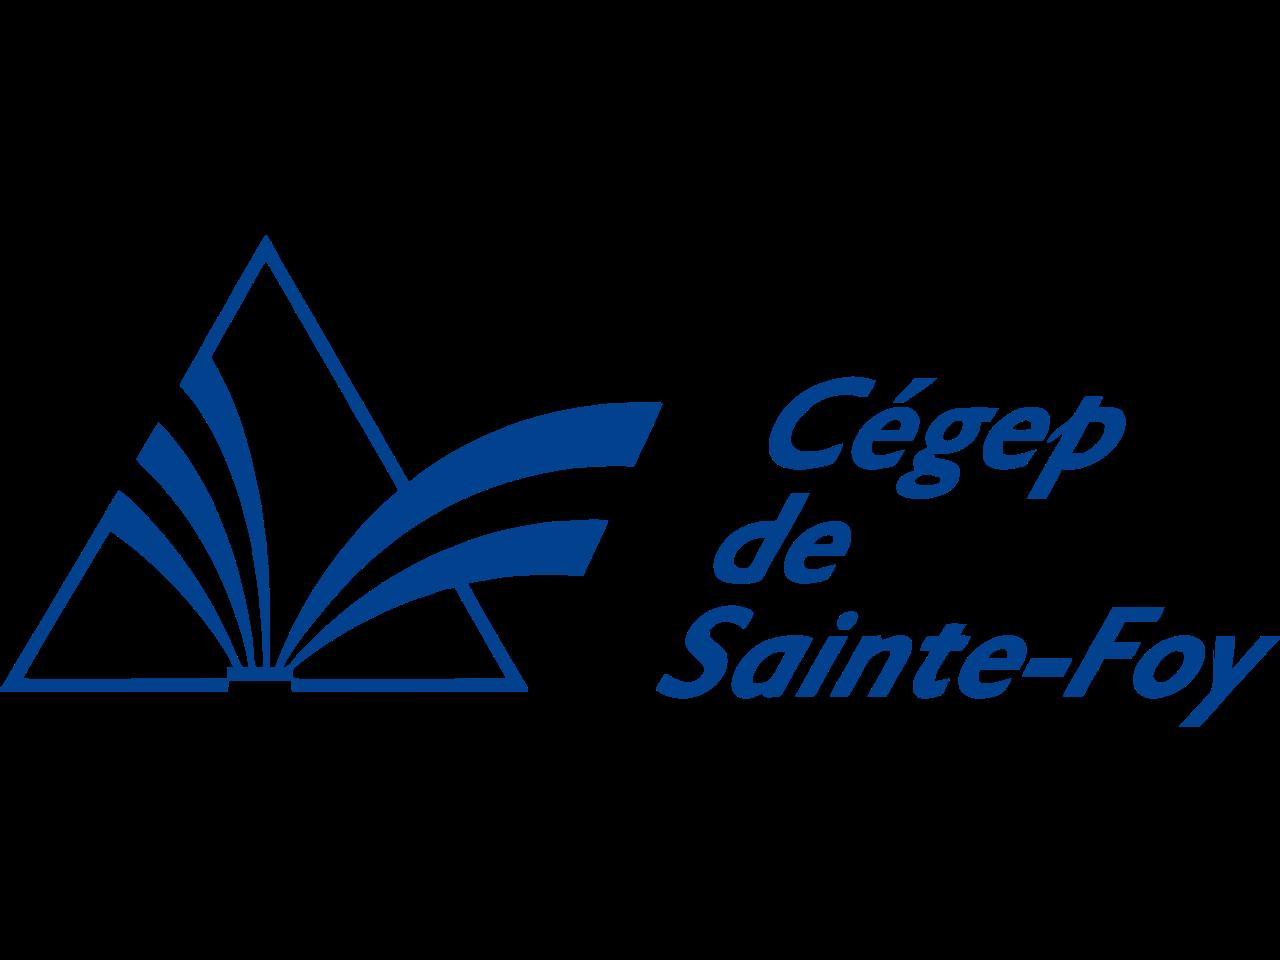 Cégep Sainte-Foy